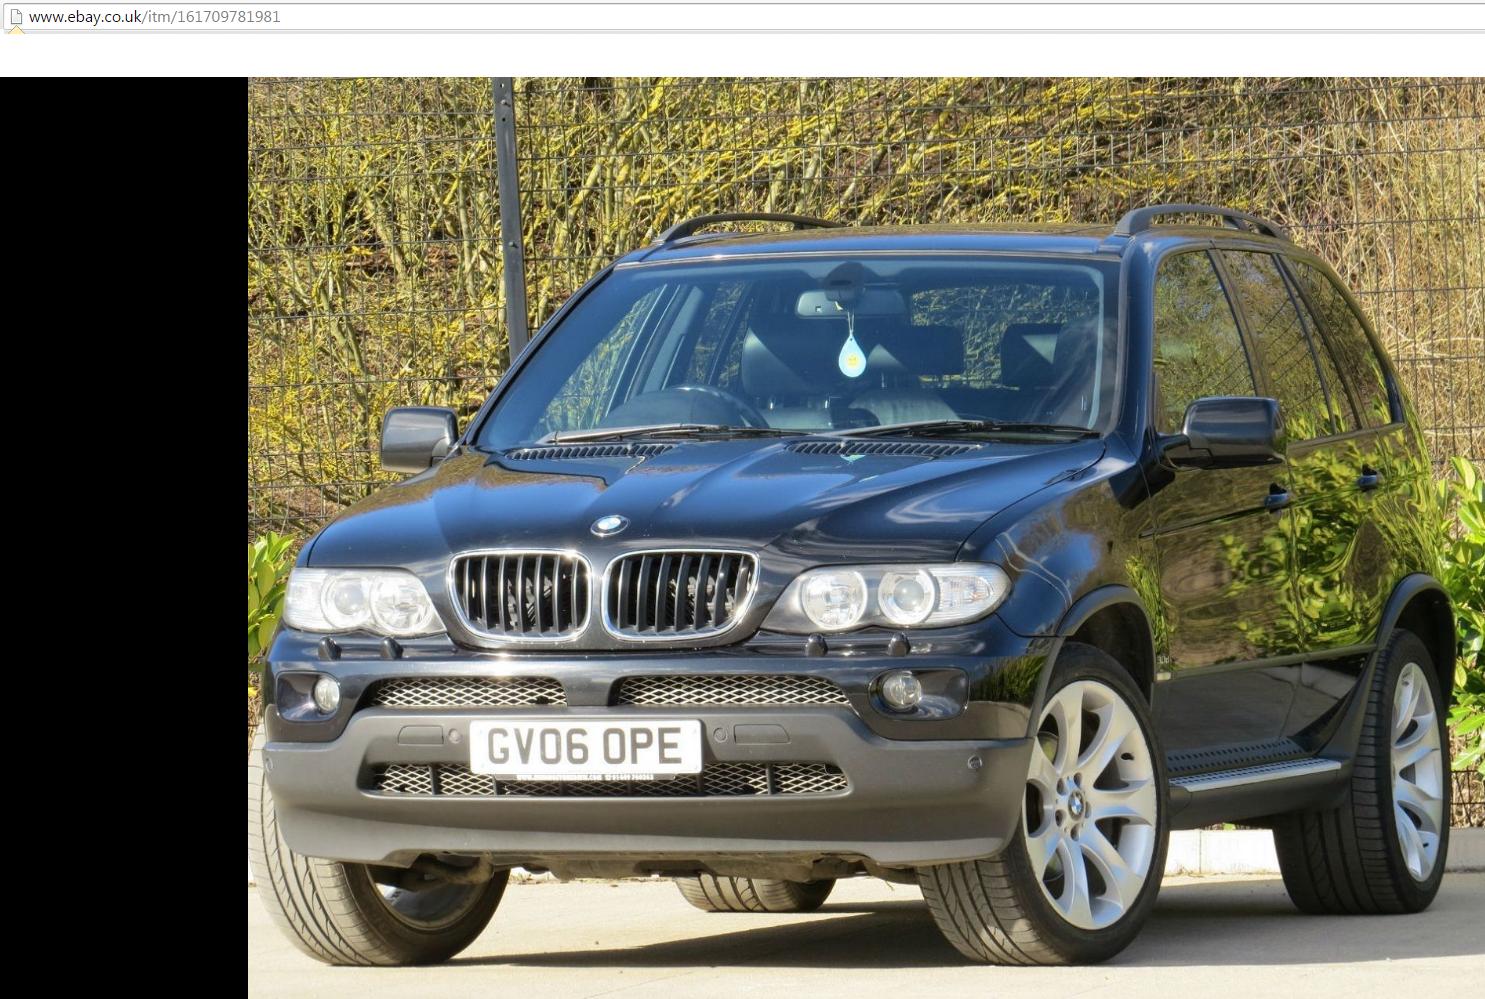 EBAY SCAMS : AUDI - BMW - JAGUAR - LAND ROVER | SCAM & FRAUD on eBay ...